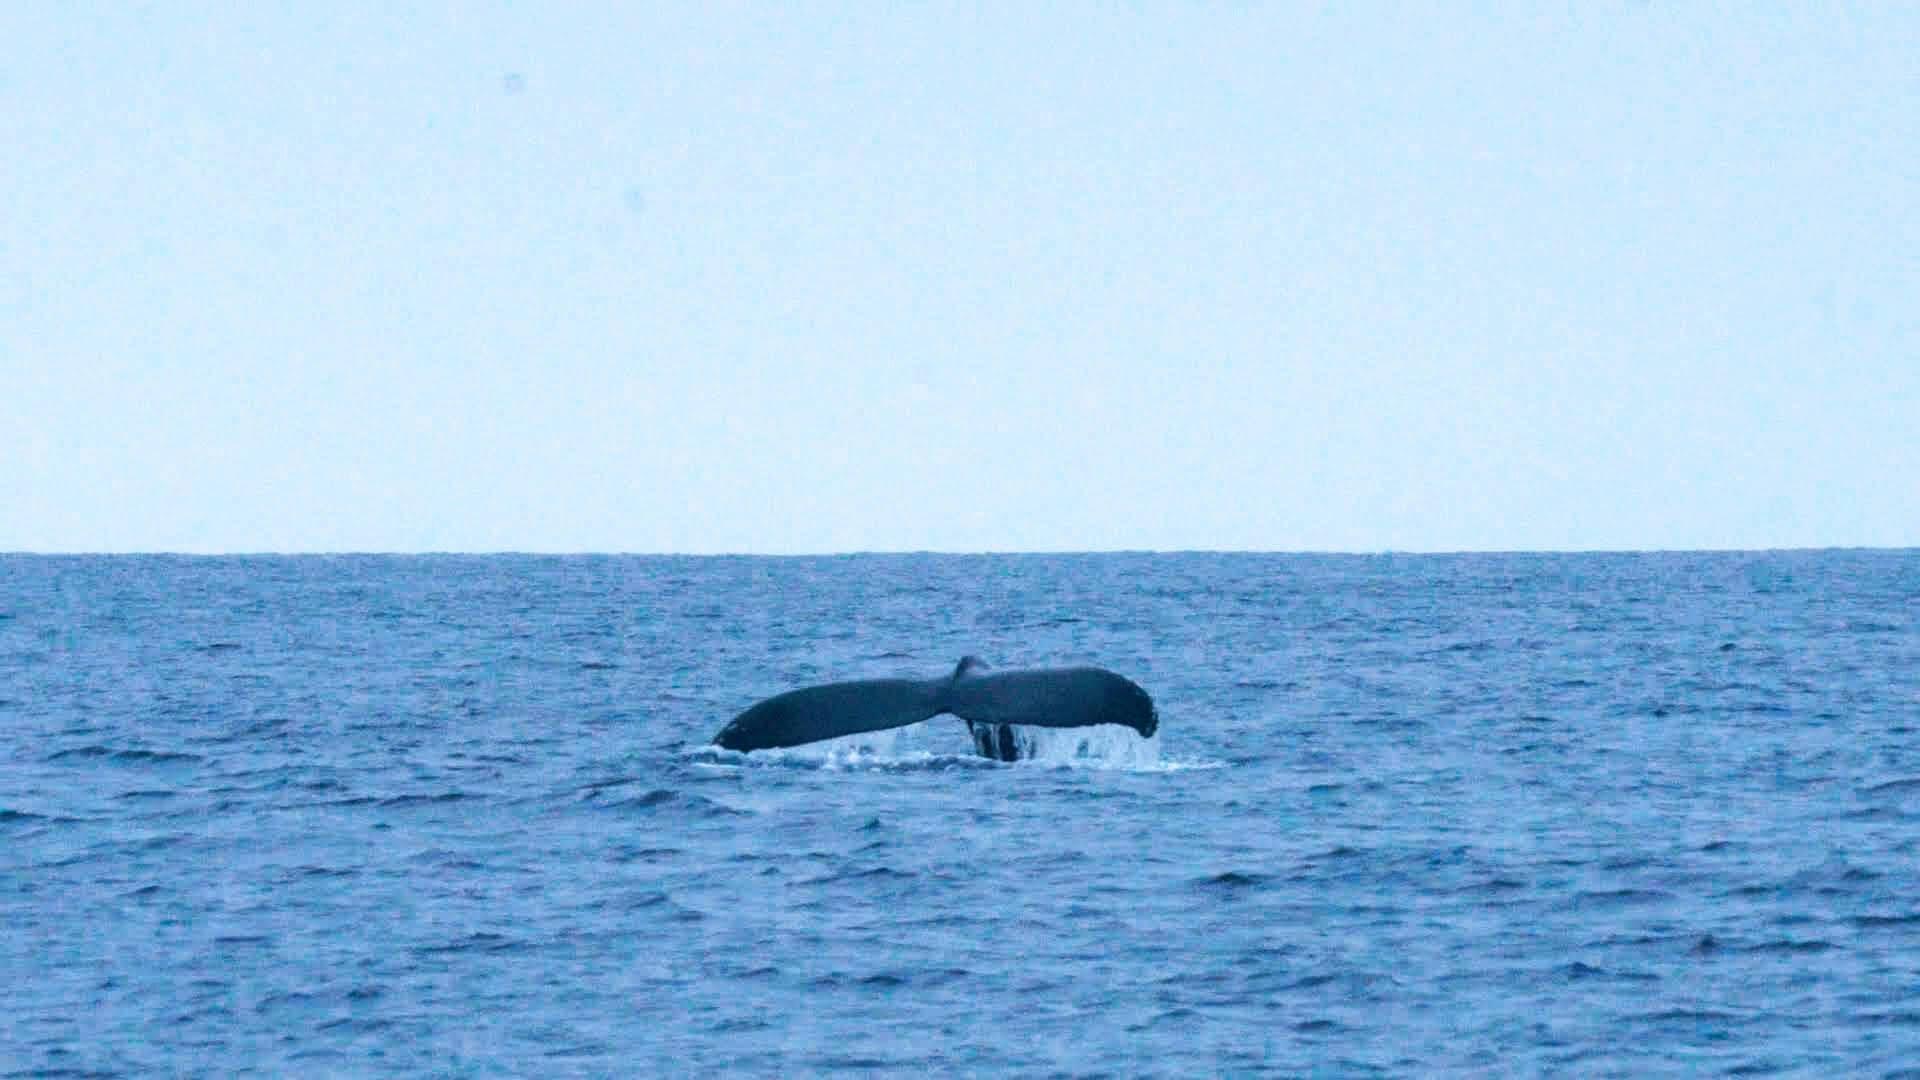 ホエールウォッチングでよく見られる、息継ぎが終わって潜水するポージング「フルークダウン」をするザトウクジラ